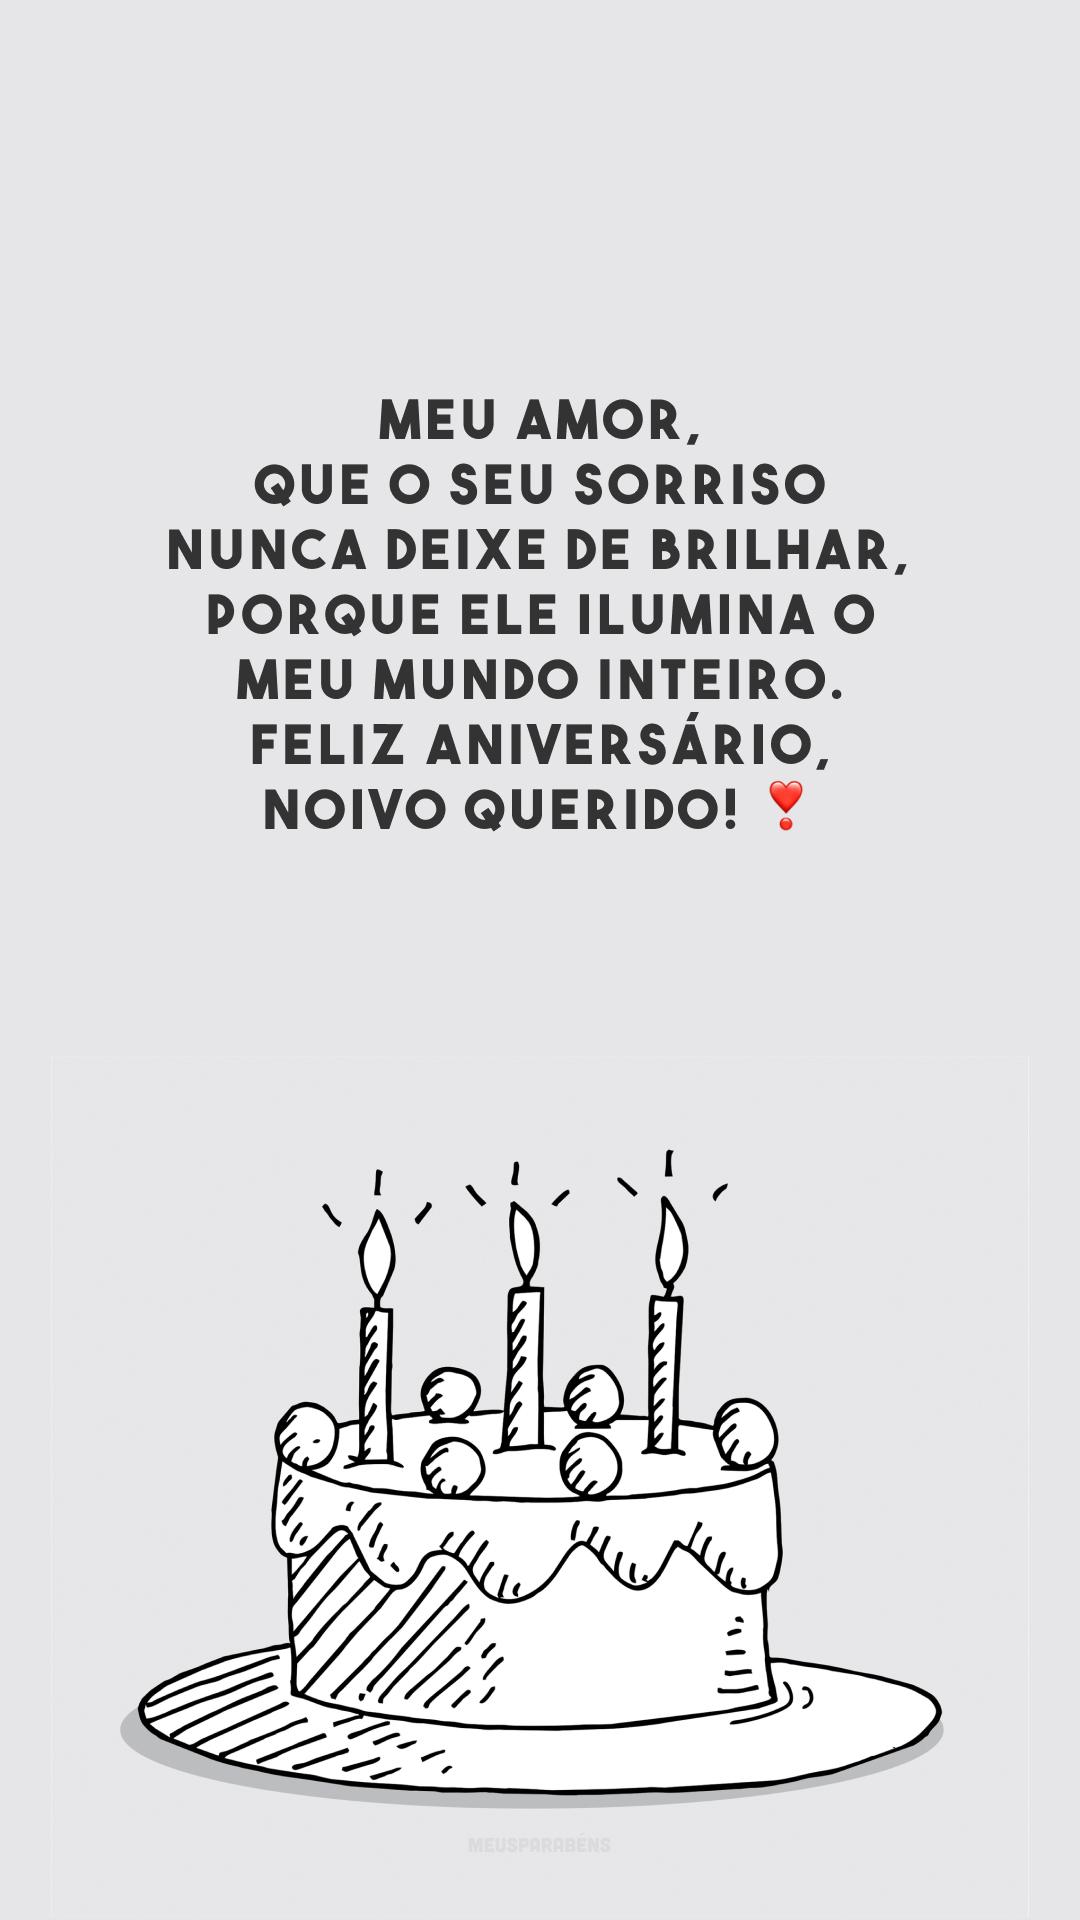 Meu amor, que o seu sorriso nunca deixe de brilhar, porque ele ilumina o meu mundo inteiro. Feliz aniversário, noivo querido! ❣️